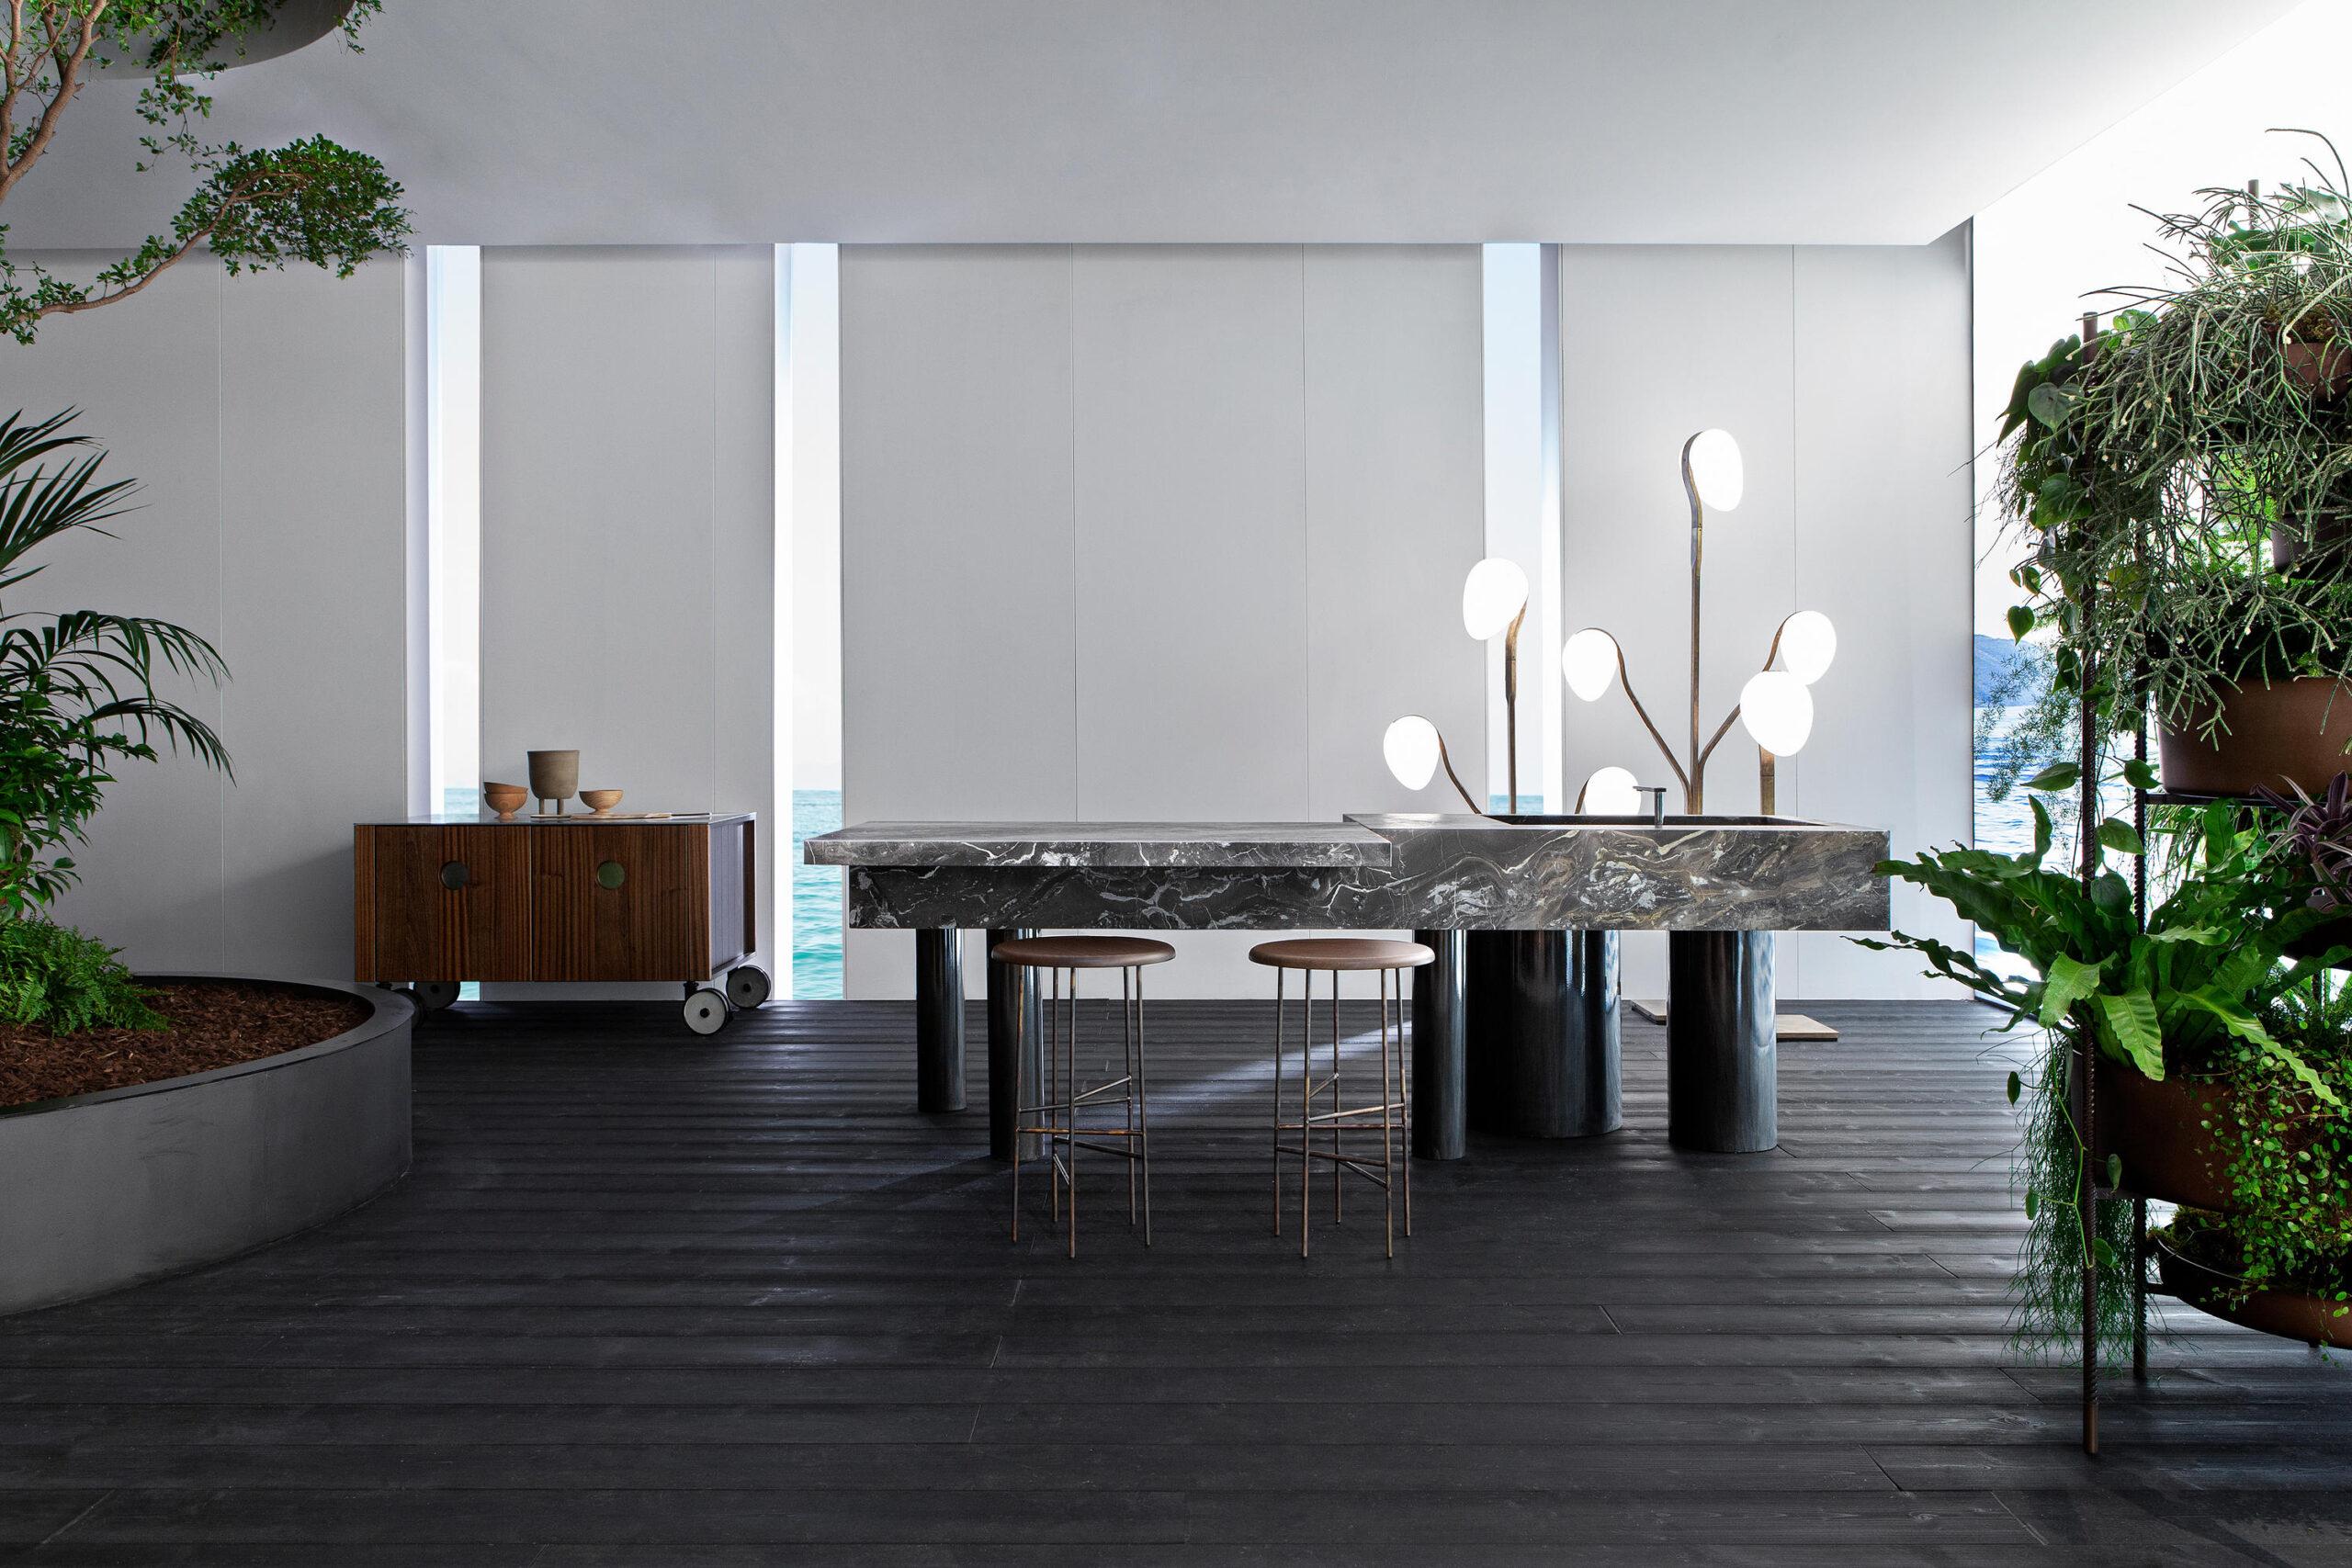 Full Size of Modulküche Cocoon 10th Kitchen Hochwertige Designerprodukte Architonic Holz Ikea Wohnzimmer Modulküche Cocoon